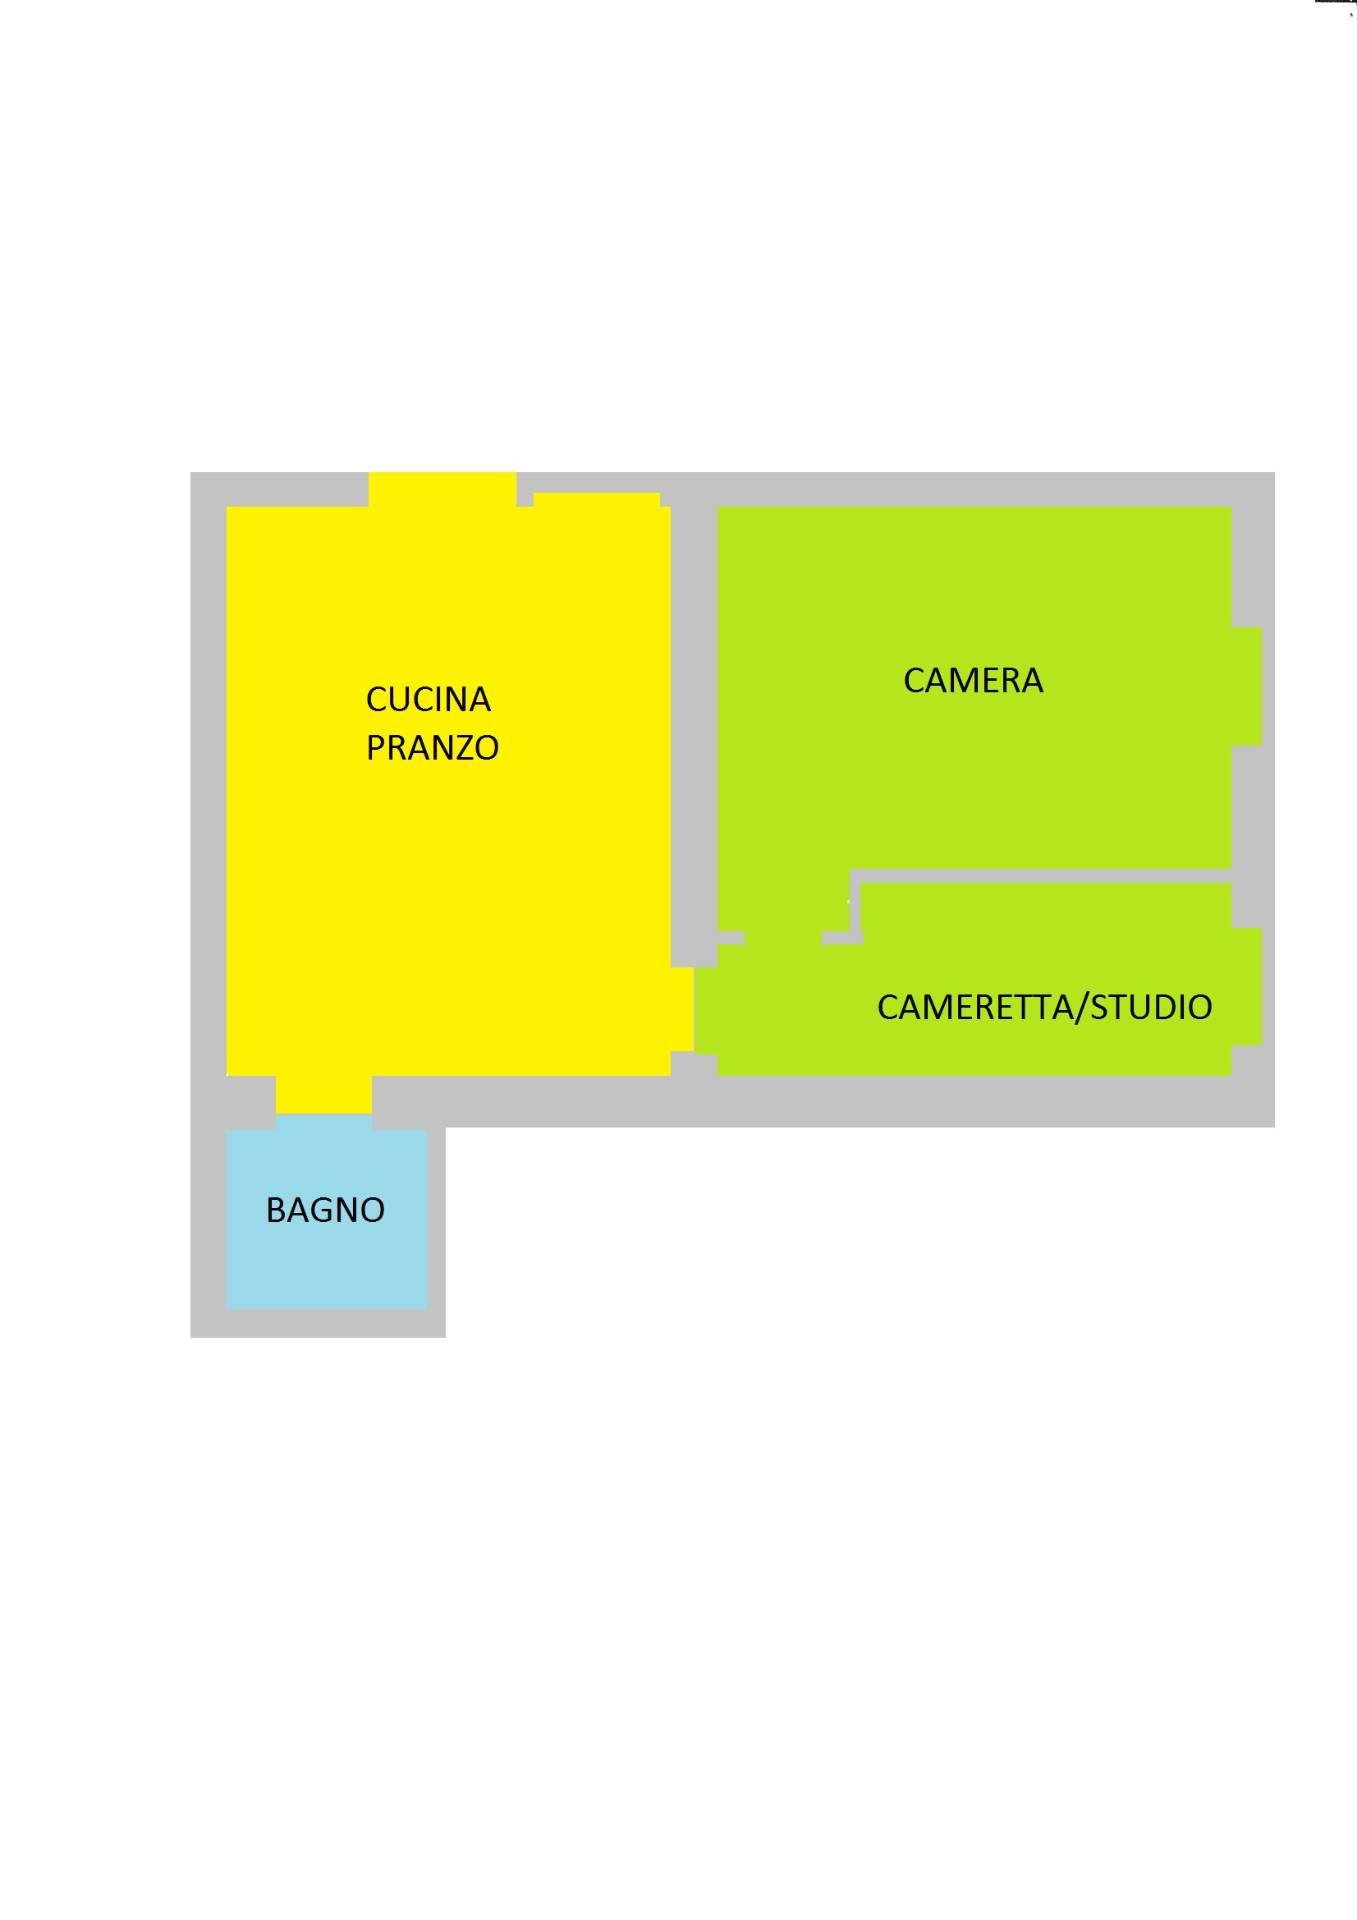 Appartamento in vendita a Campello sul Clitunno, 3 locali, zona Zona: Pissignano, prezzo € 60.000 | CambioCasa.it